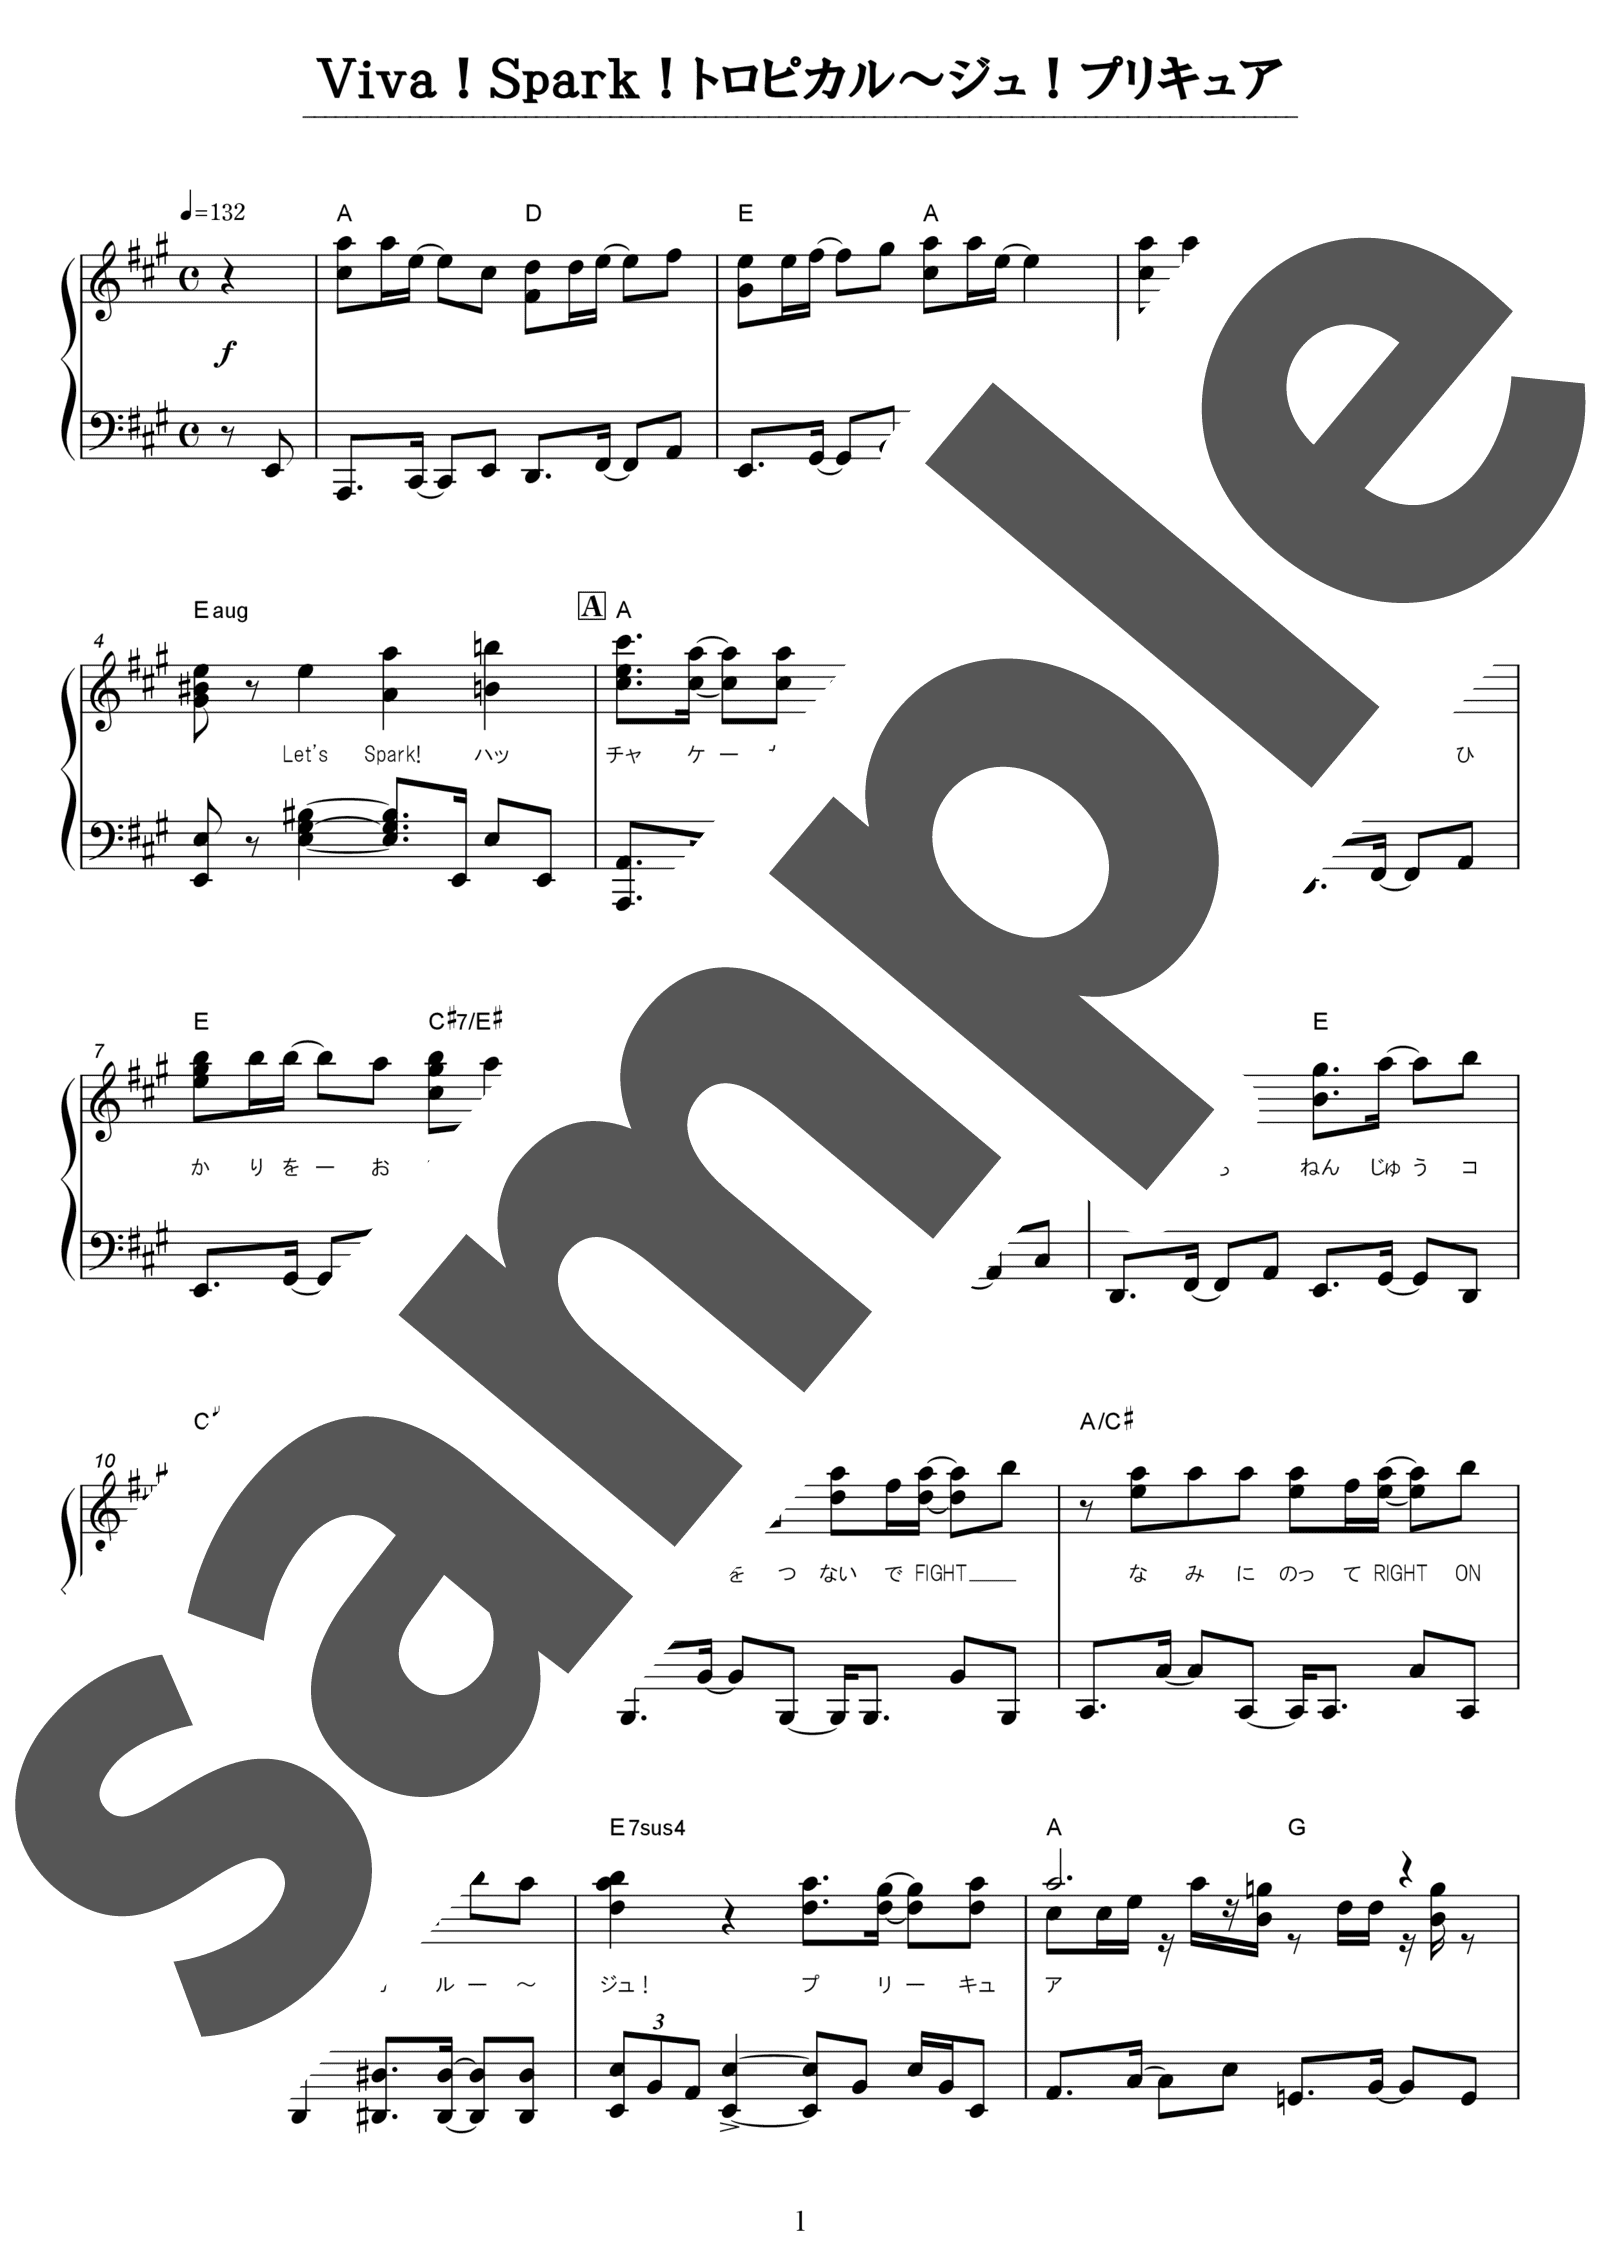 「Viva! Spark! トロピカル~ジュ!プリキュア」のサンプル楽譜